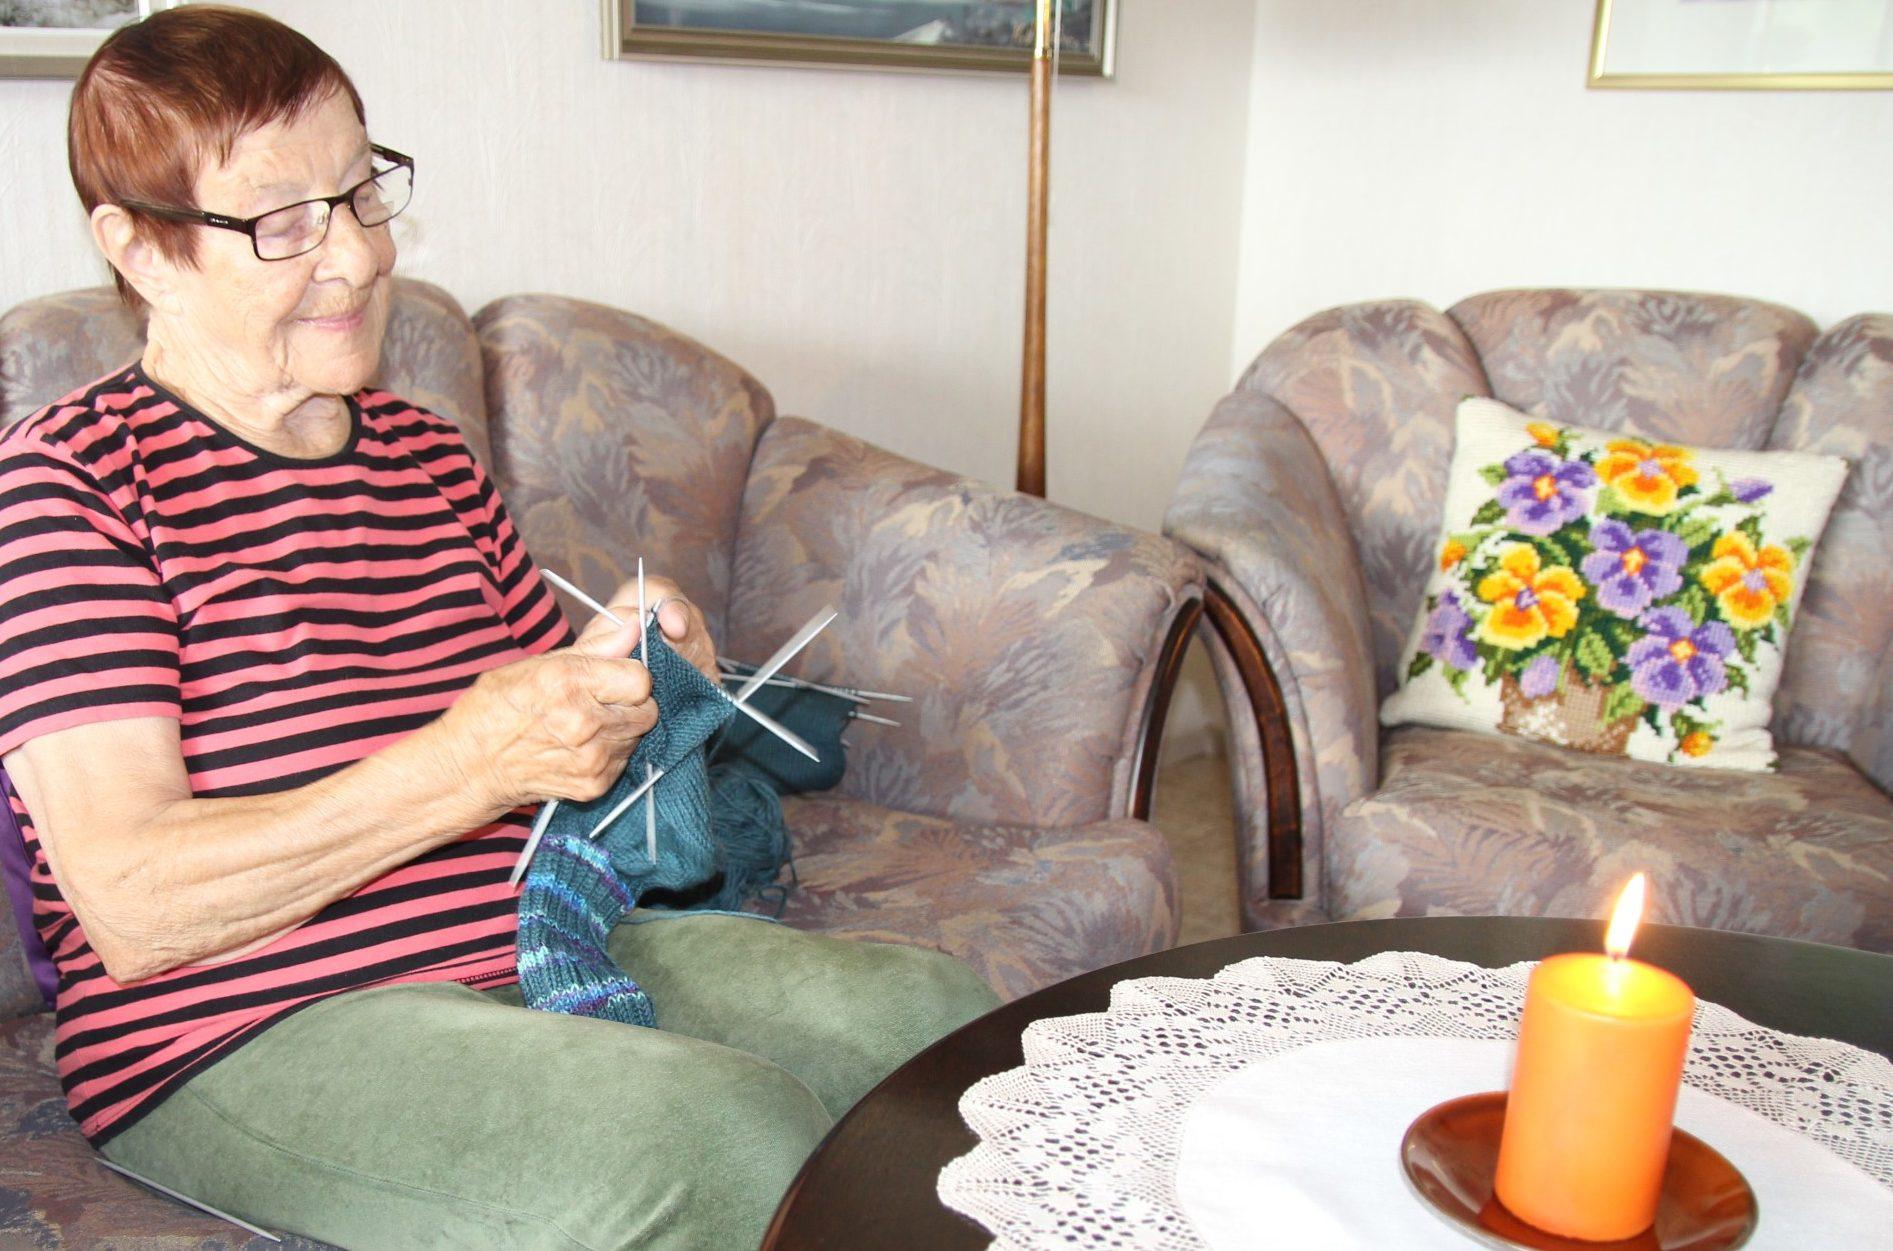 Iloinen vanhempi nainen neuloo, pöydällä kynttilä.